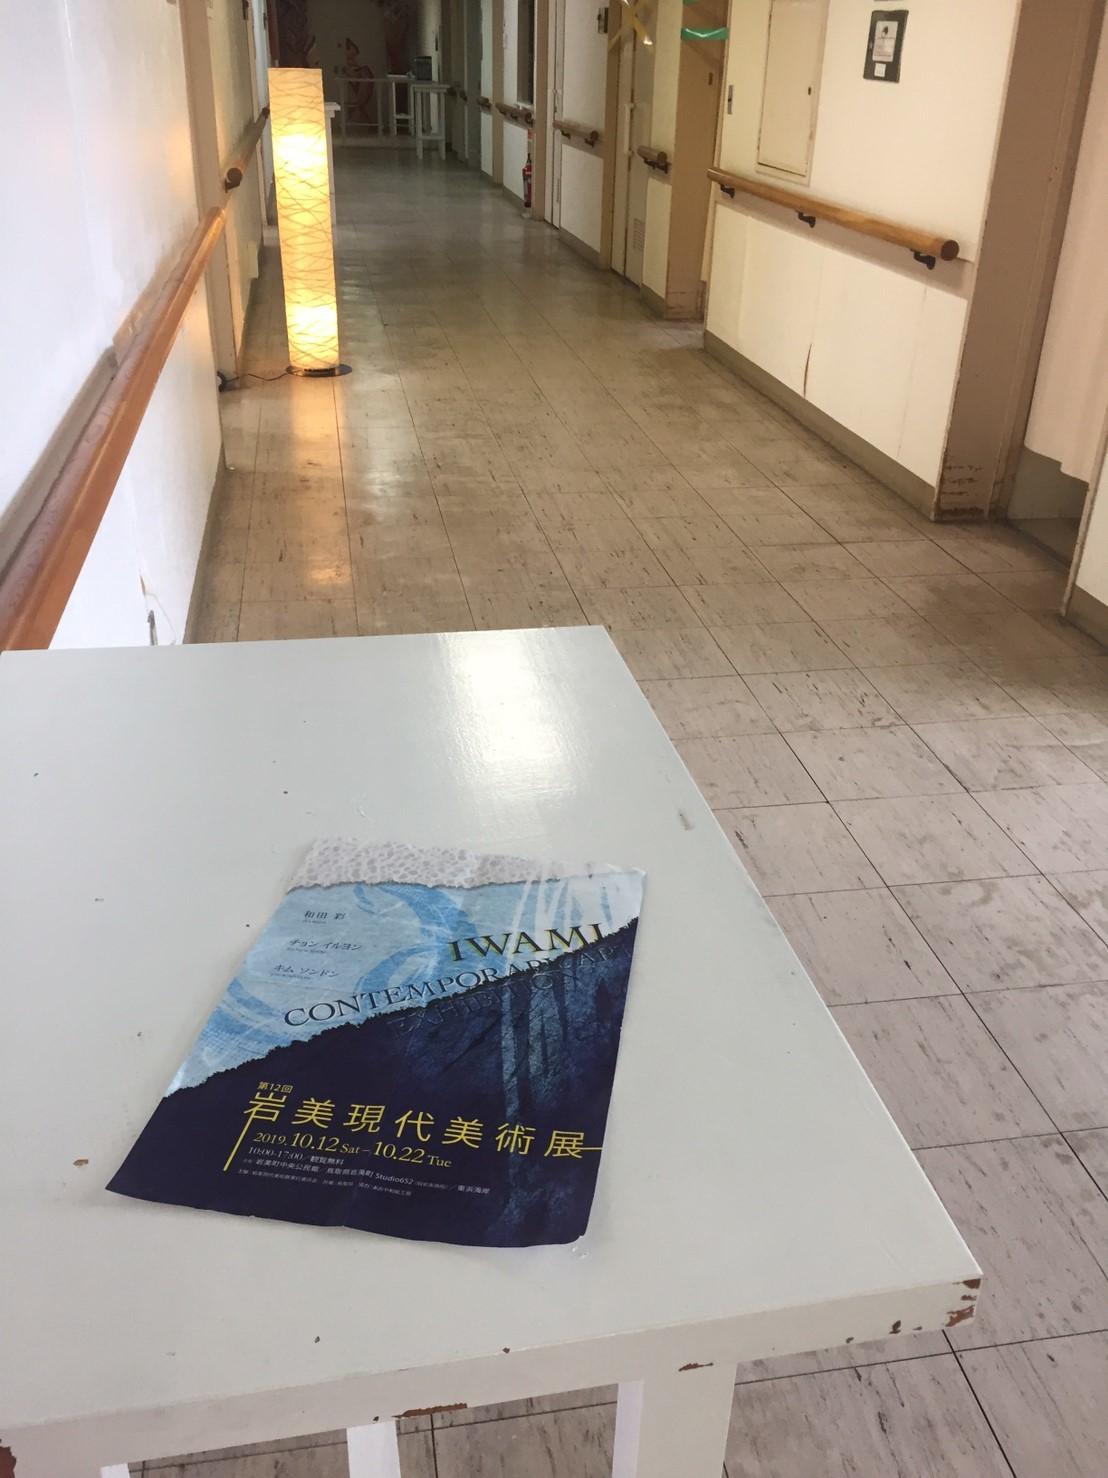 岩美現代美術展 2019_e0115904_01581718.jpg